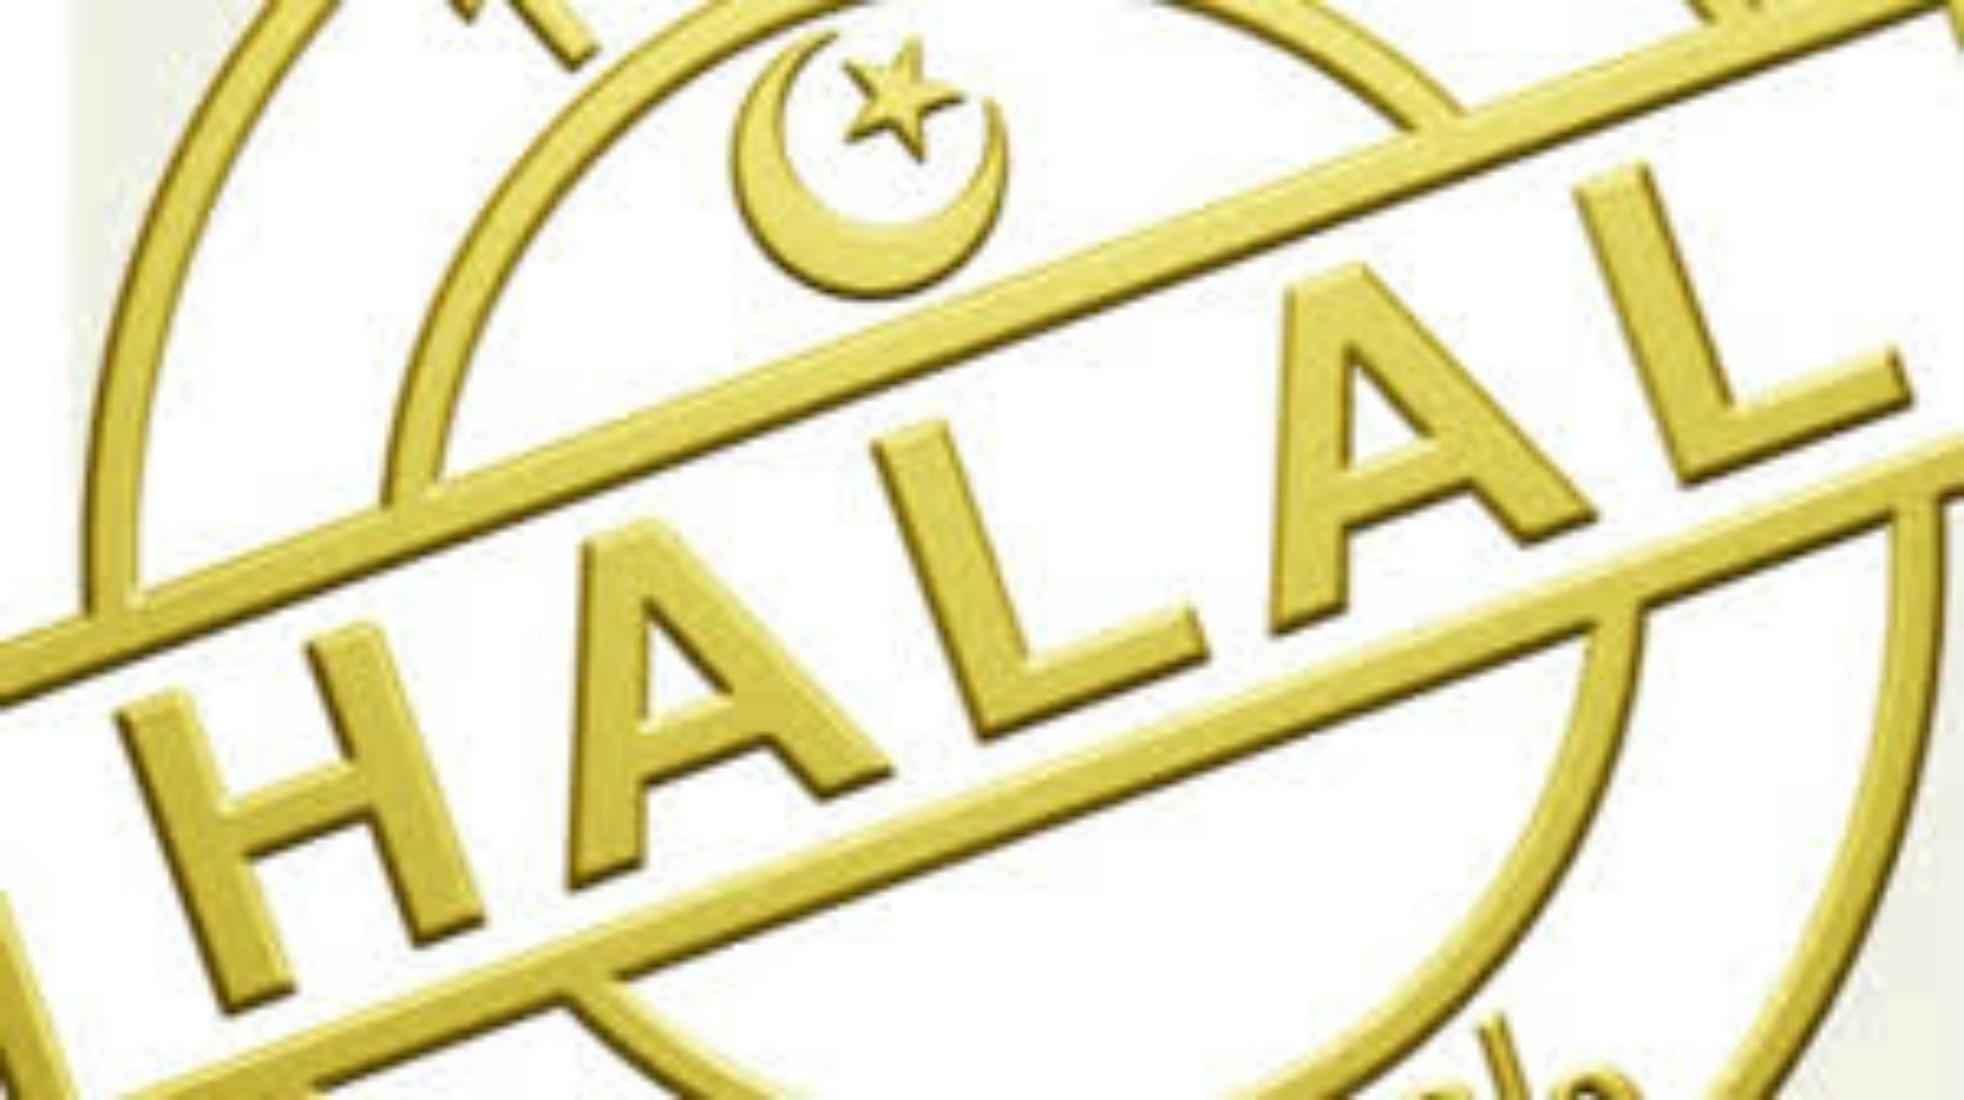 Nov mednarodni škandal za halal meso iz Slovenije?